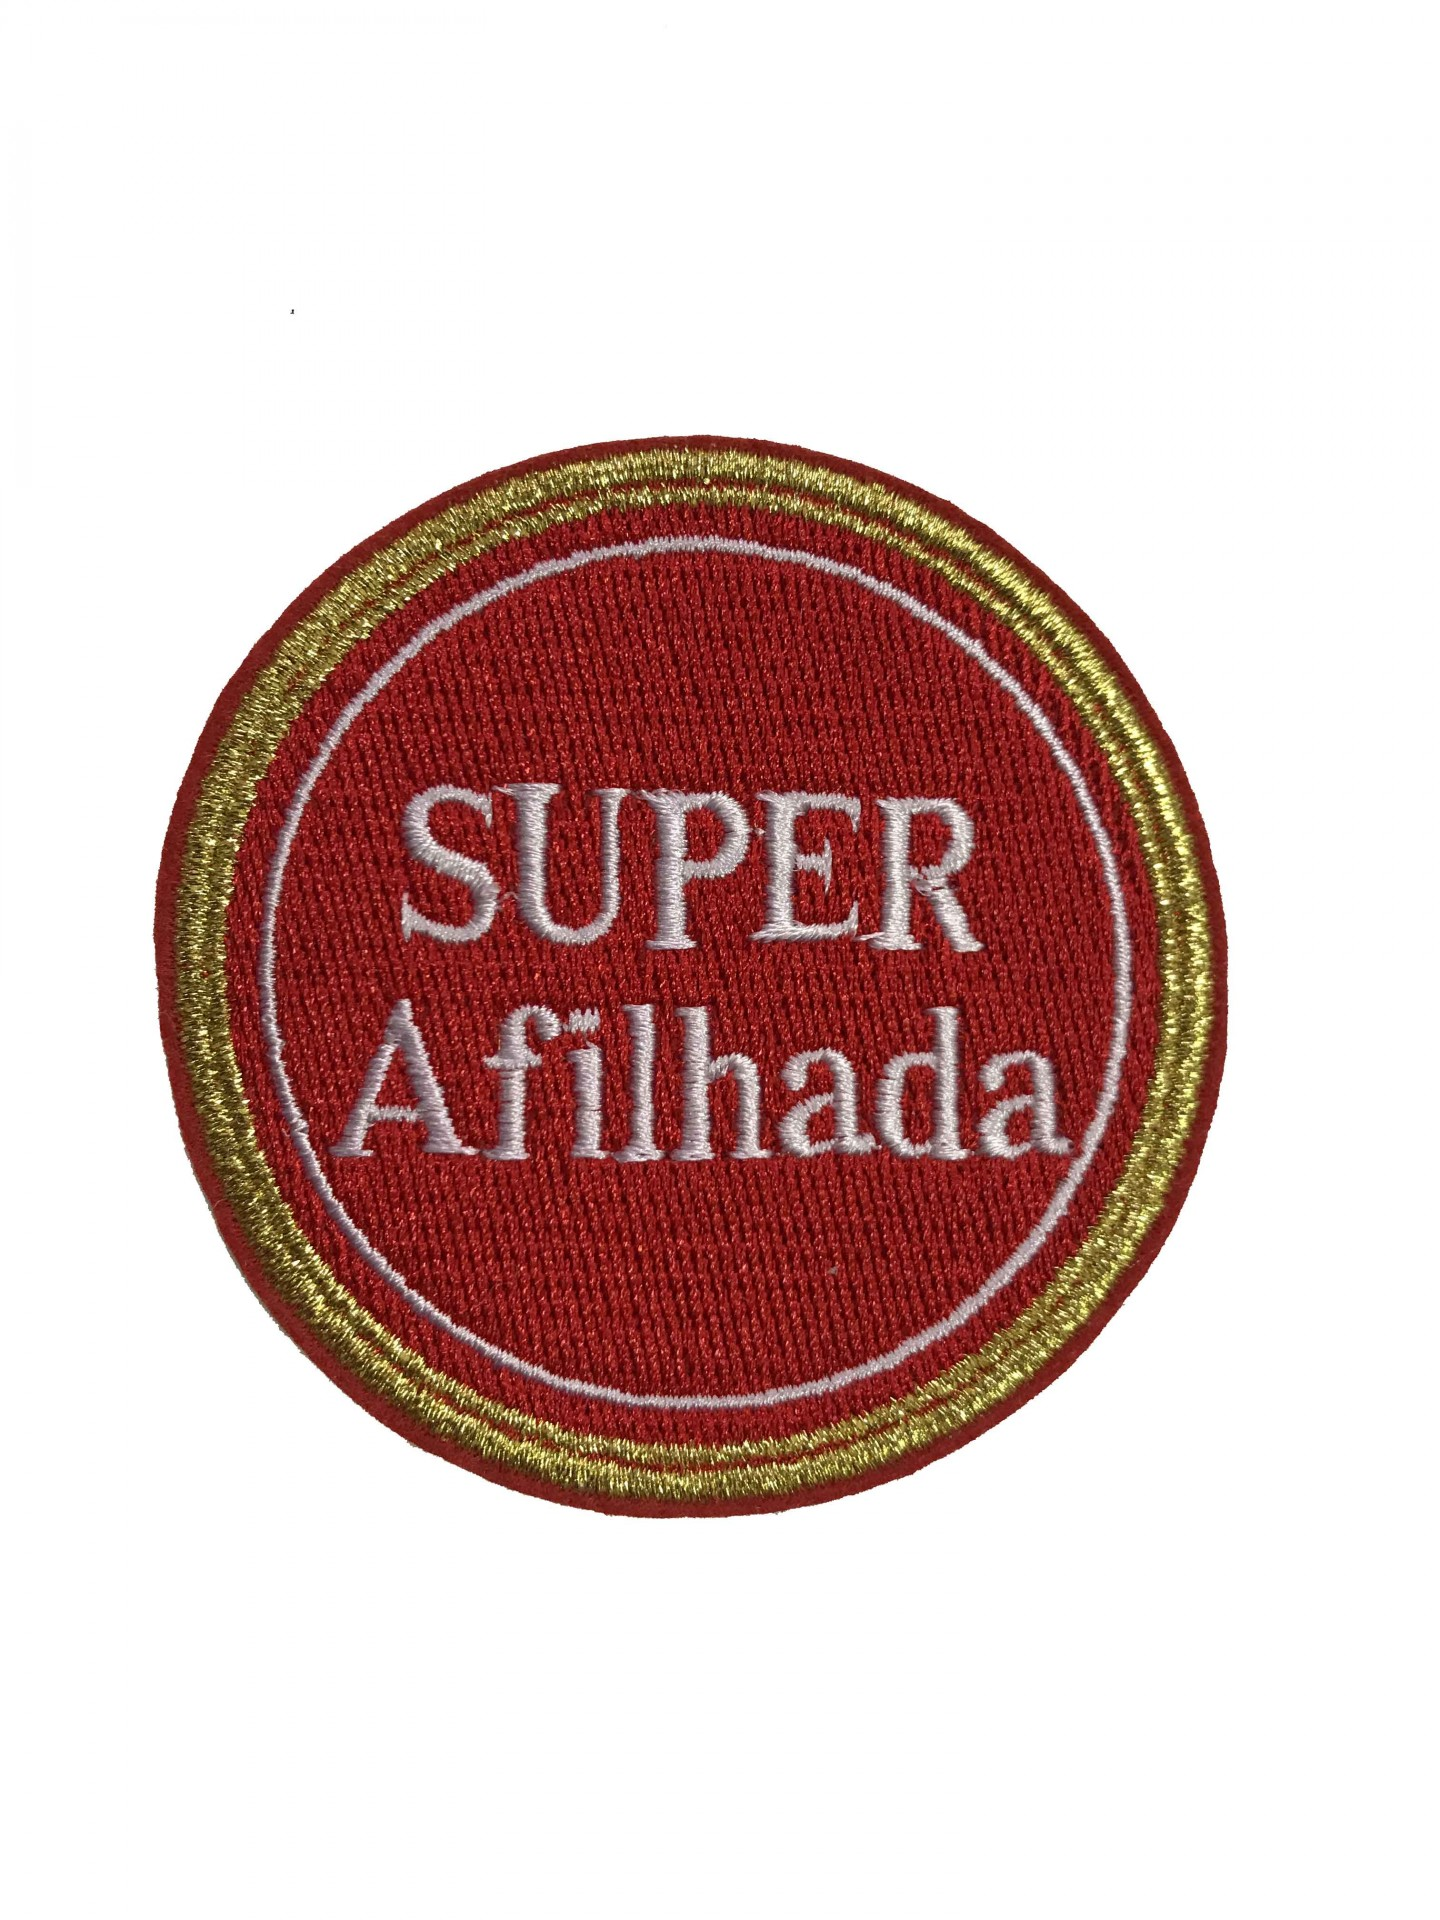 Emblema Super Afilhada